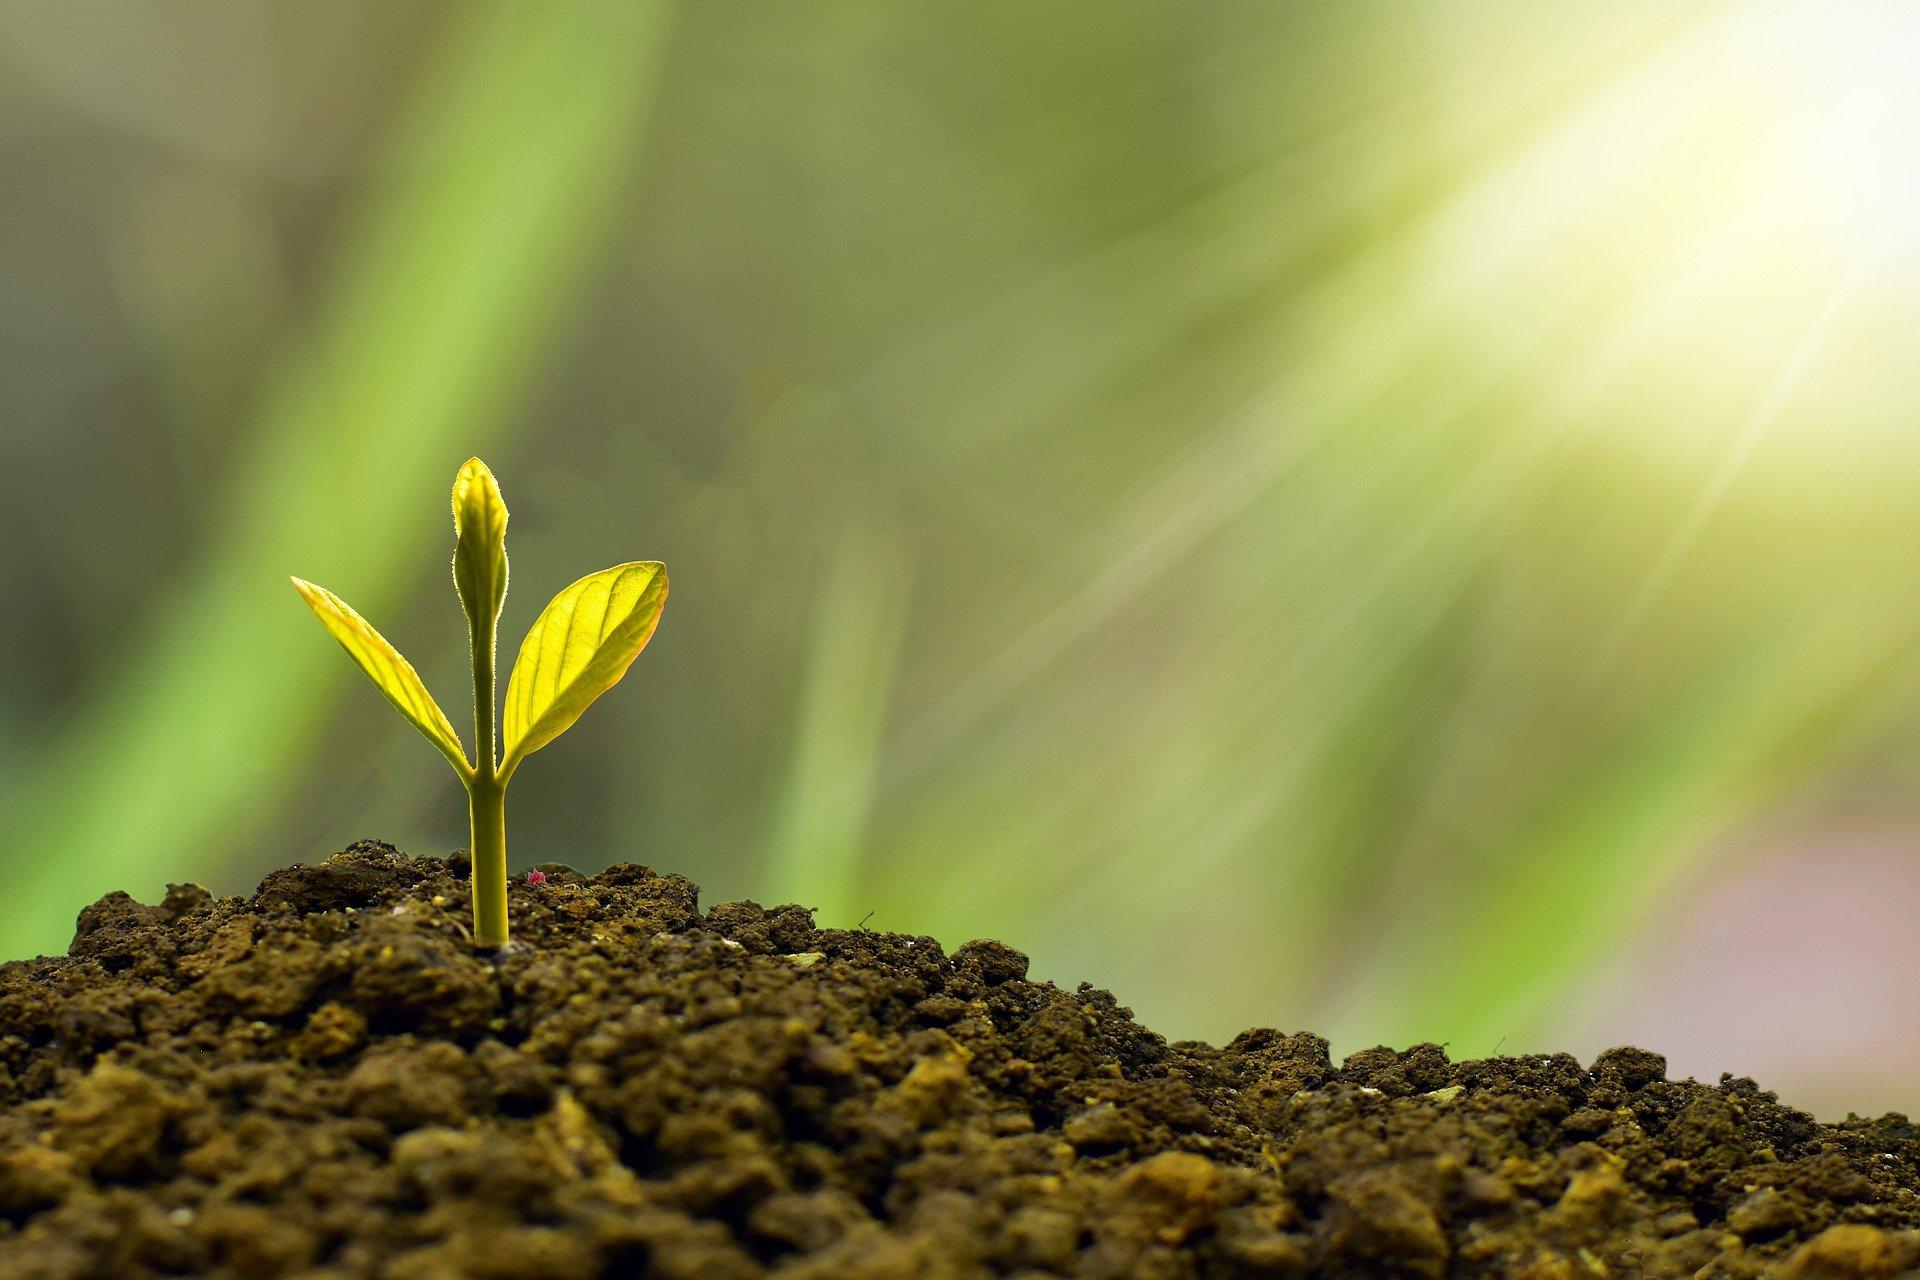 Un brote de planta saliendo entre la tierra